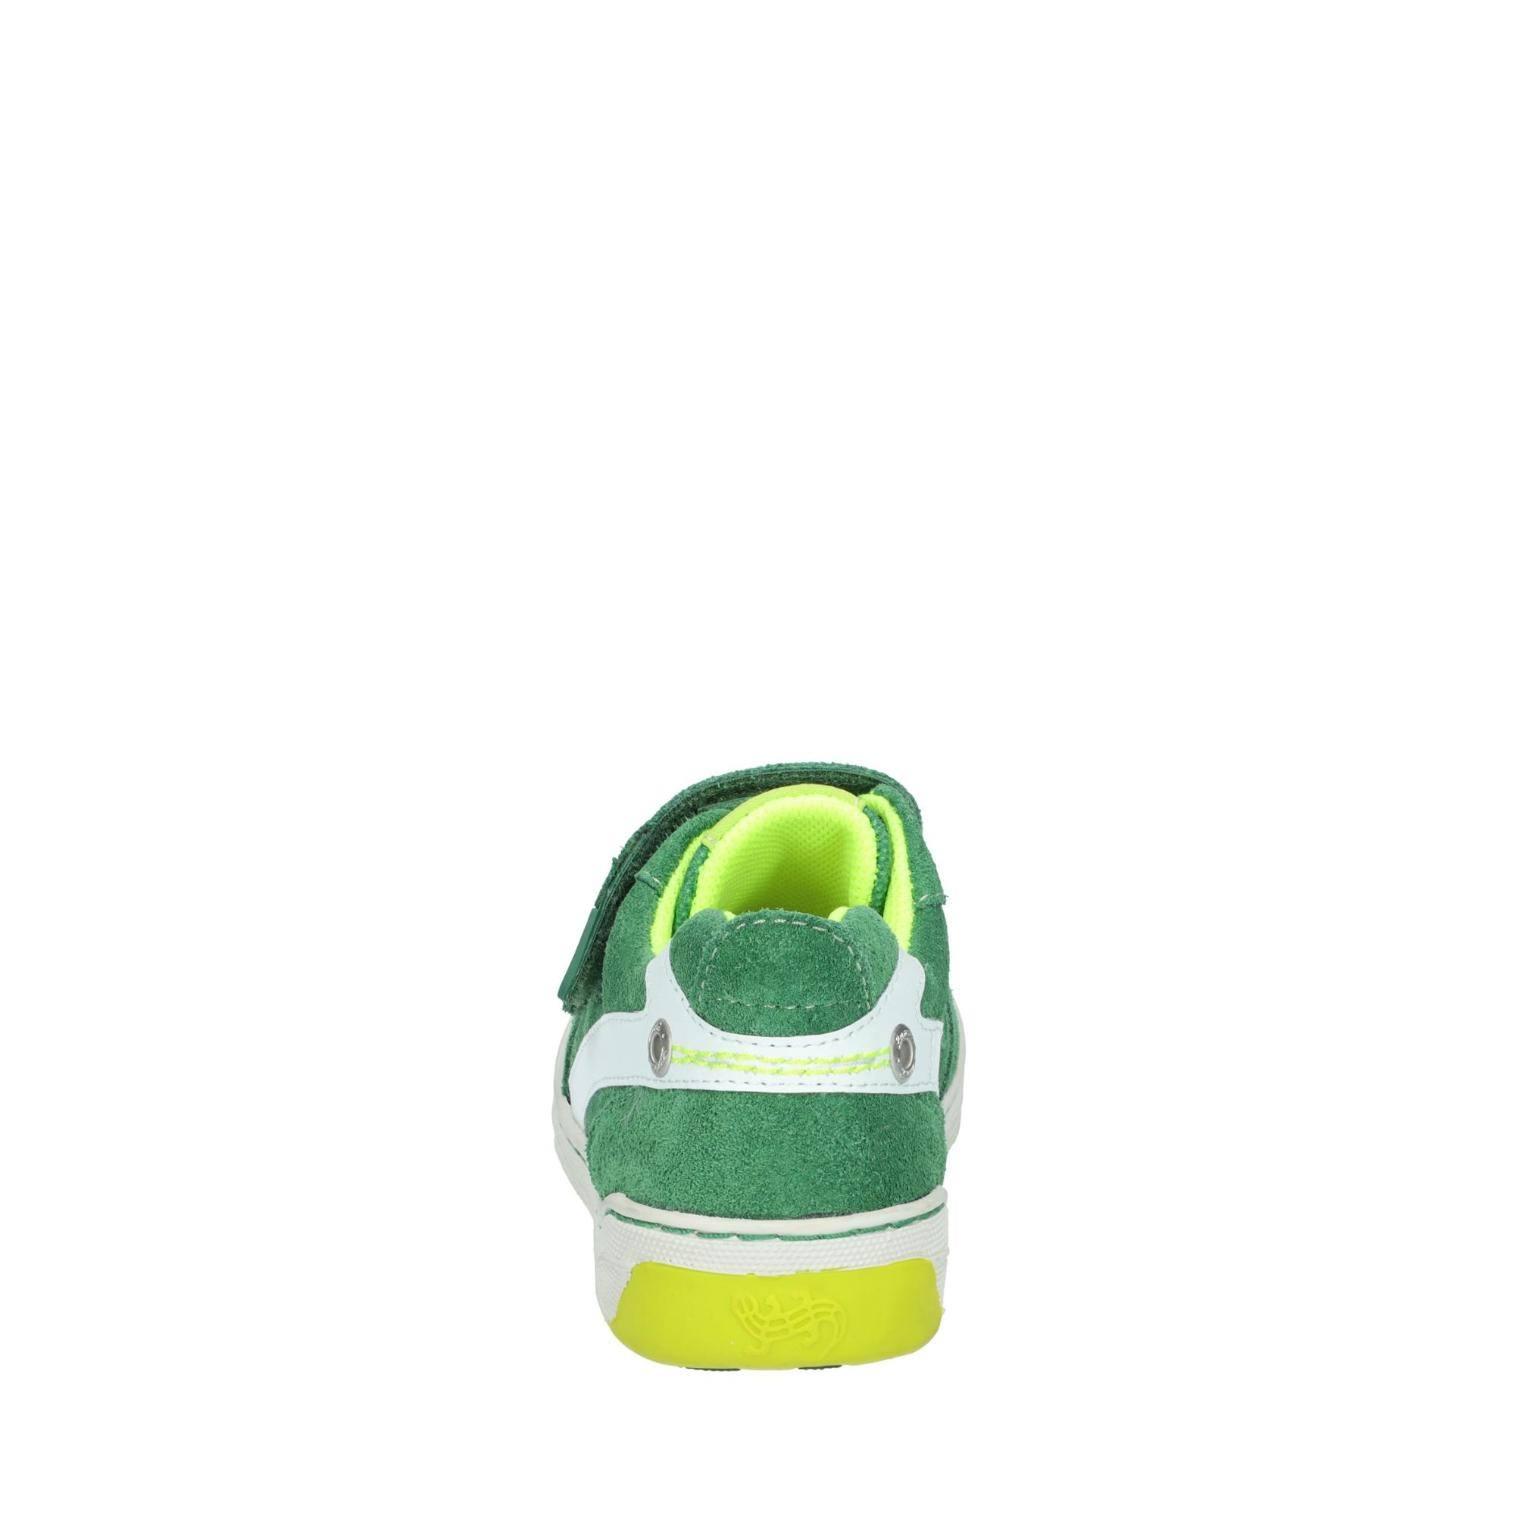 Größe Lurchi 30 Halbschuh Grün Jungen In HHwIvxFRq